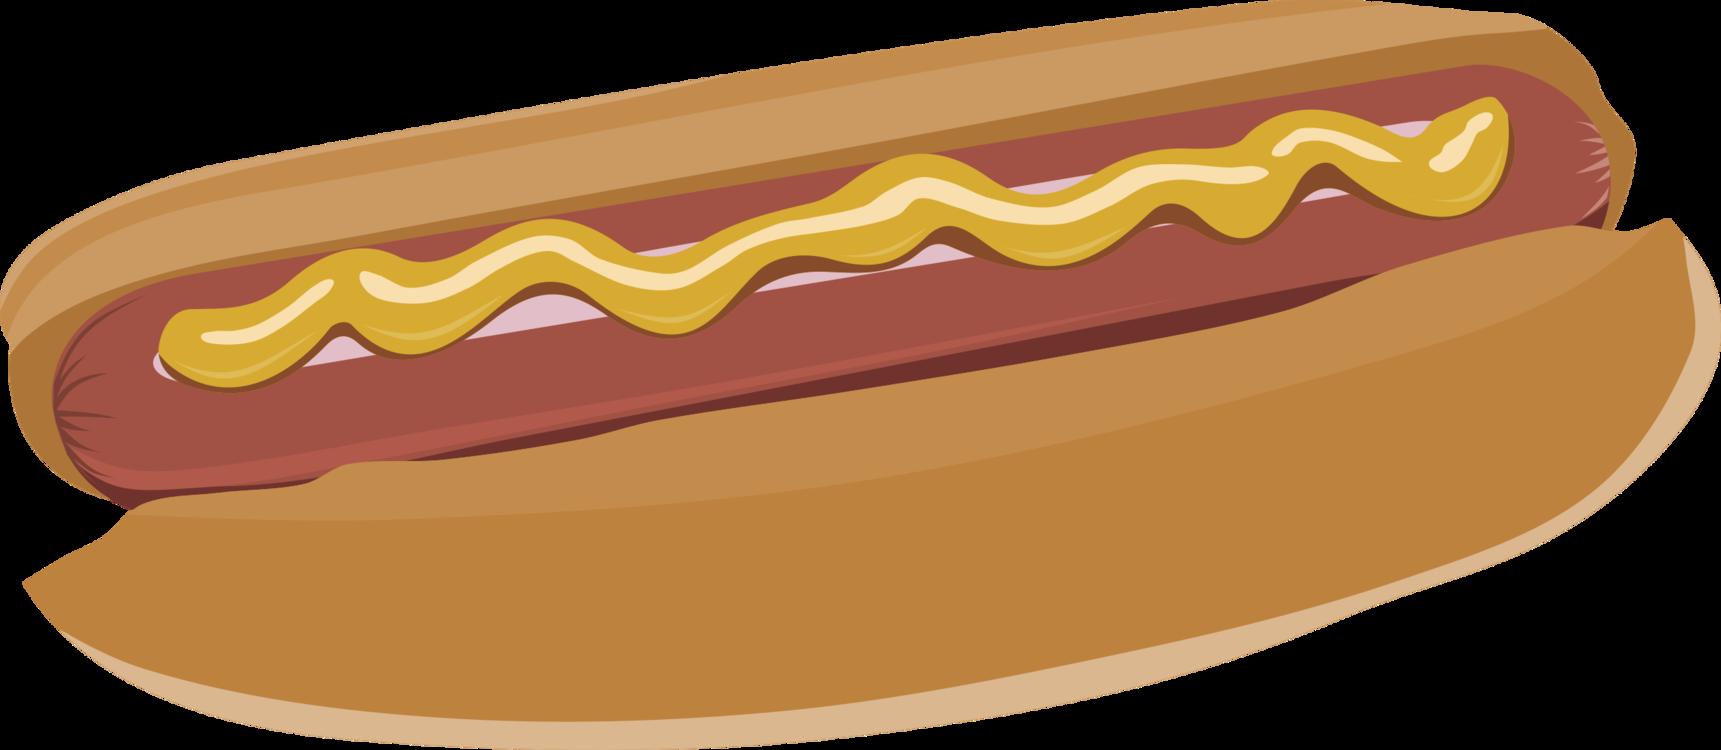 Hot Dog,Finger Food,Hot Dog Bun